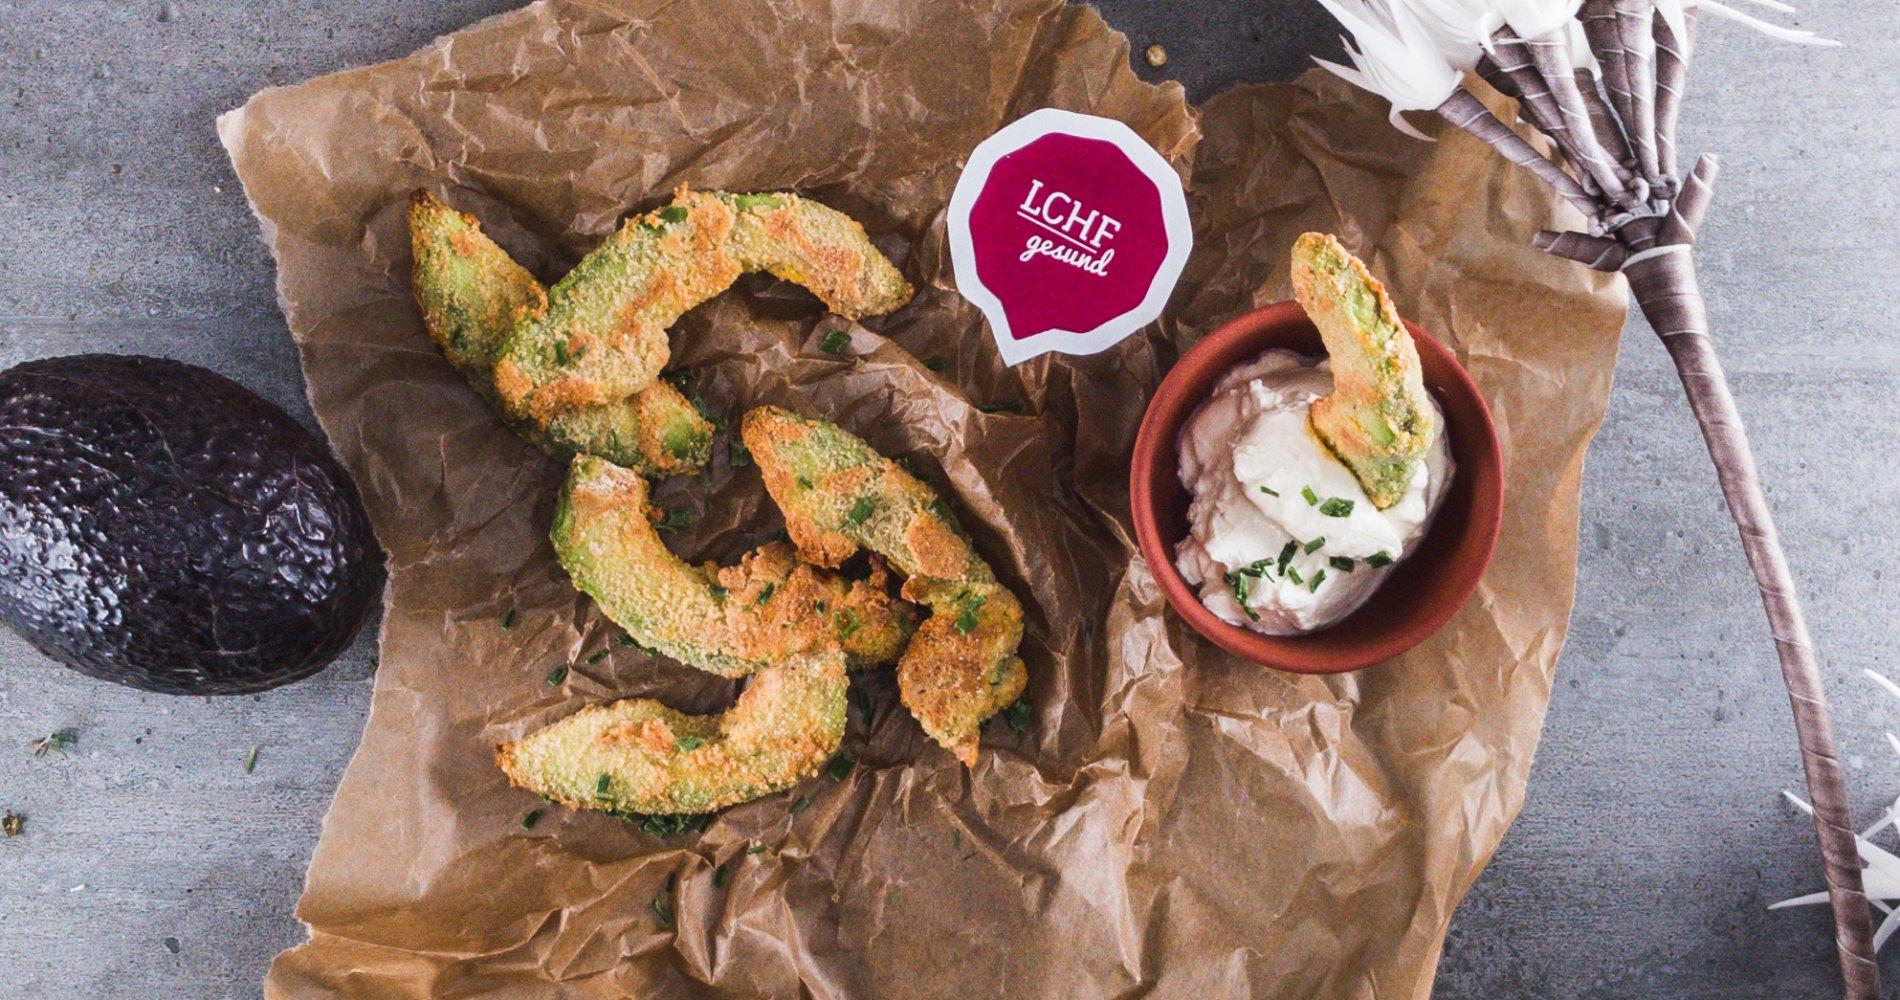 Rezept Low Carb: Avocado-Fries aus dem Ofen - LCHF-gesund.de